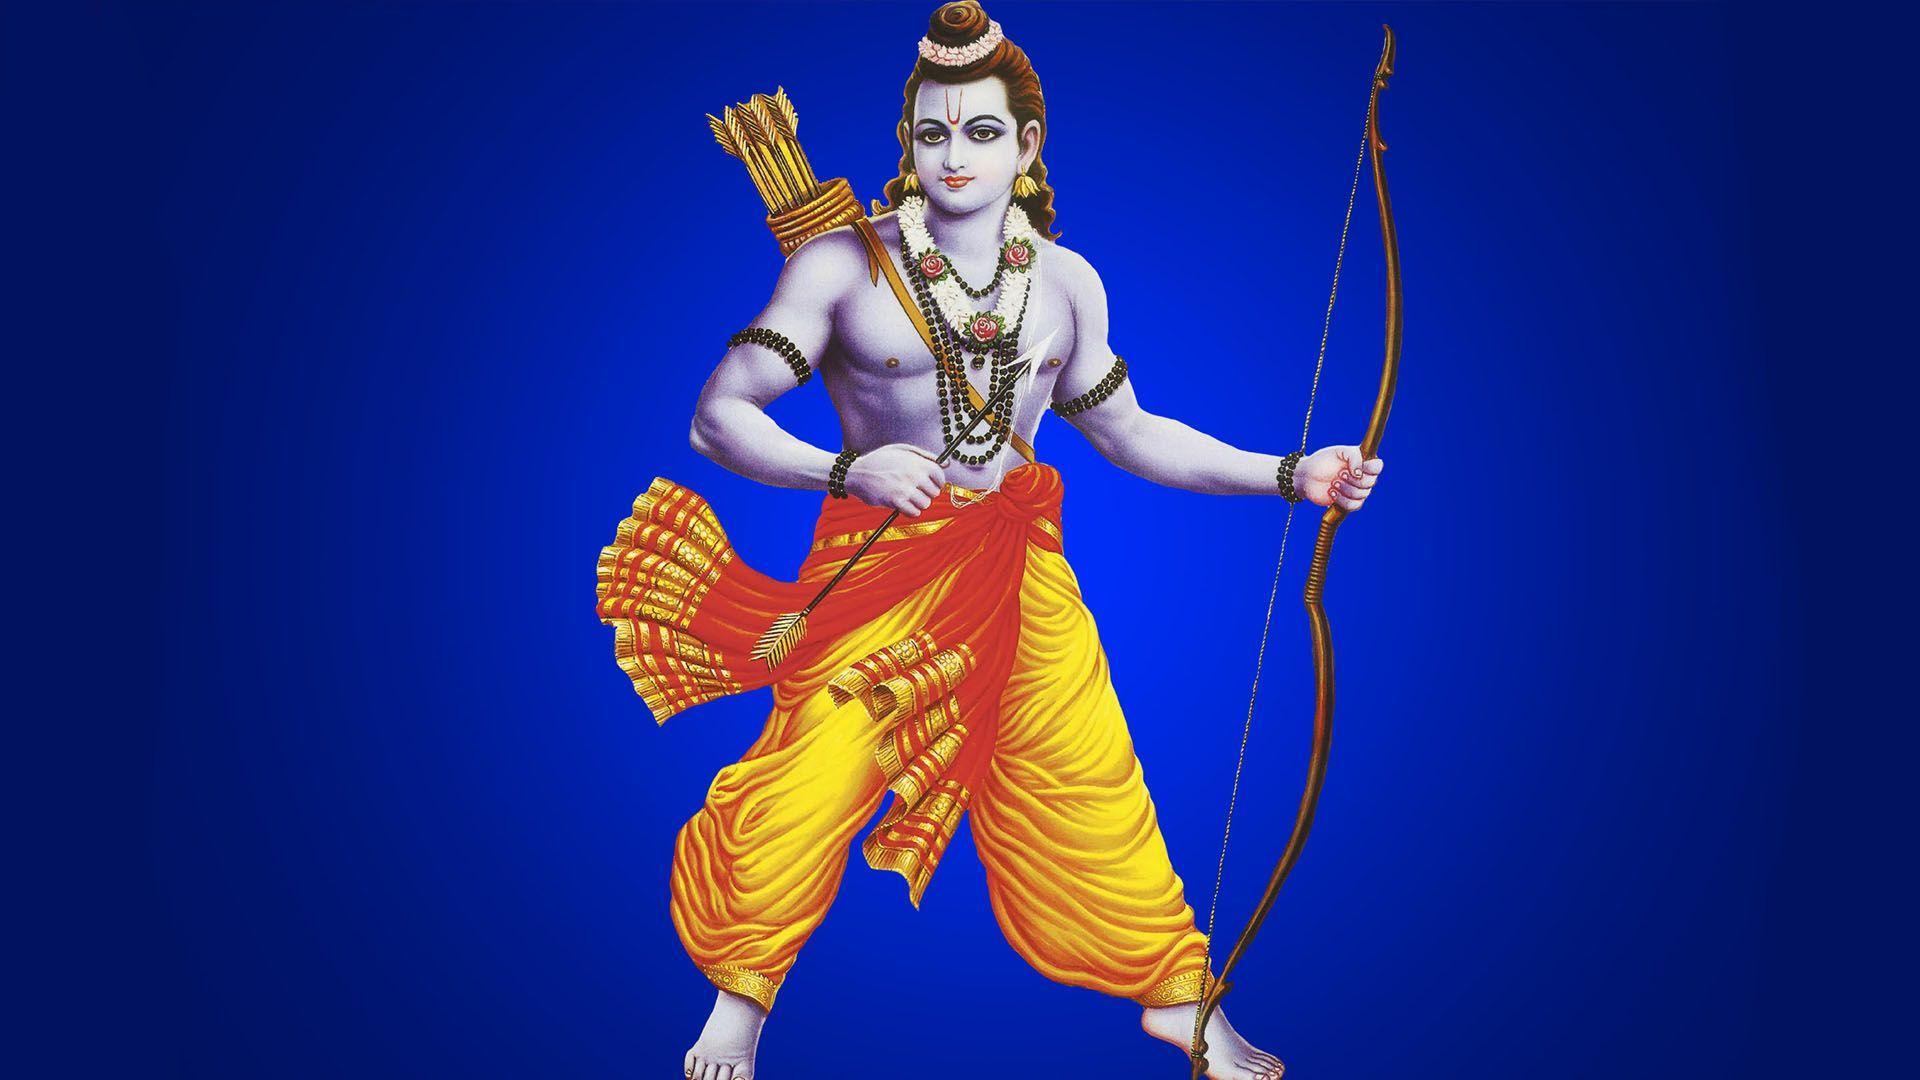 1920x1080 Hình ảnh Jai Shree Ram bằng tiếng Hindi.  Các vị thần và nữ thần của đạo Hindu